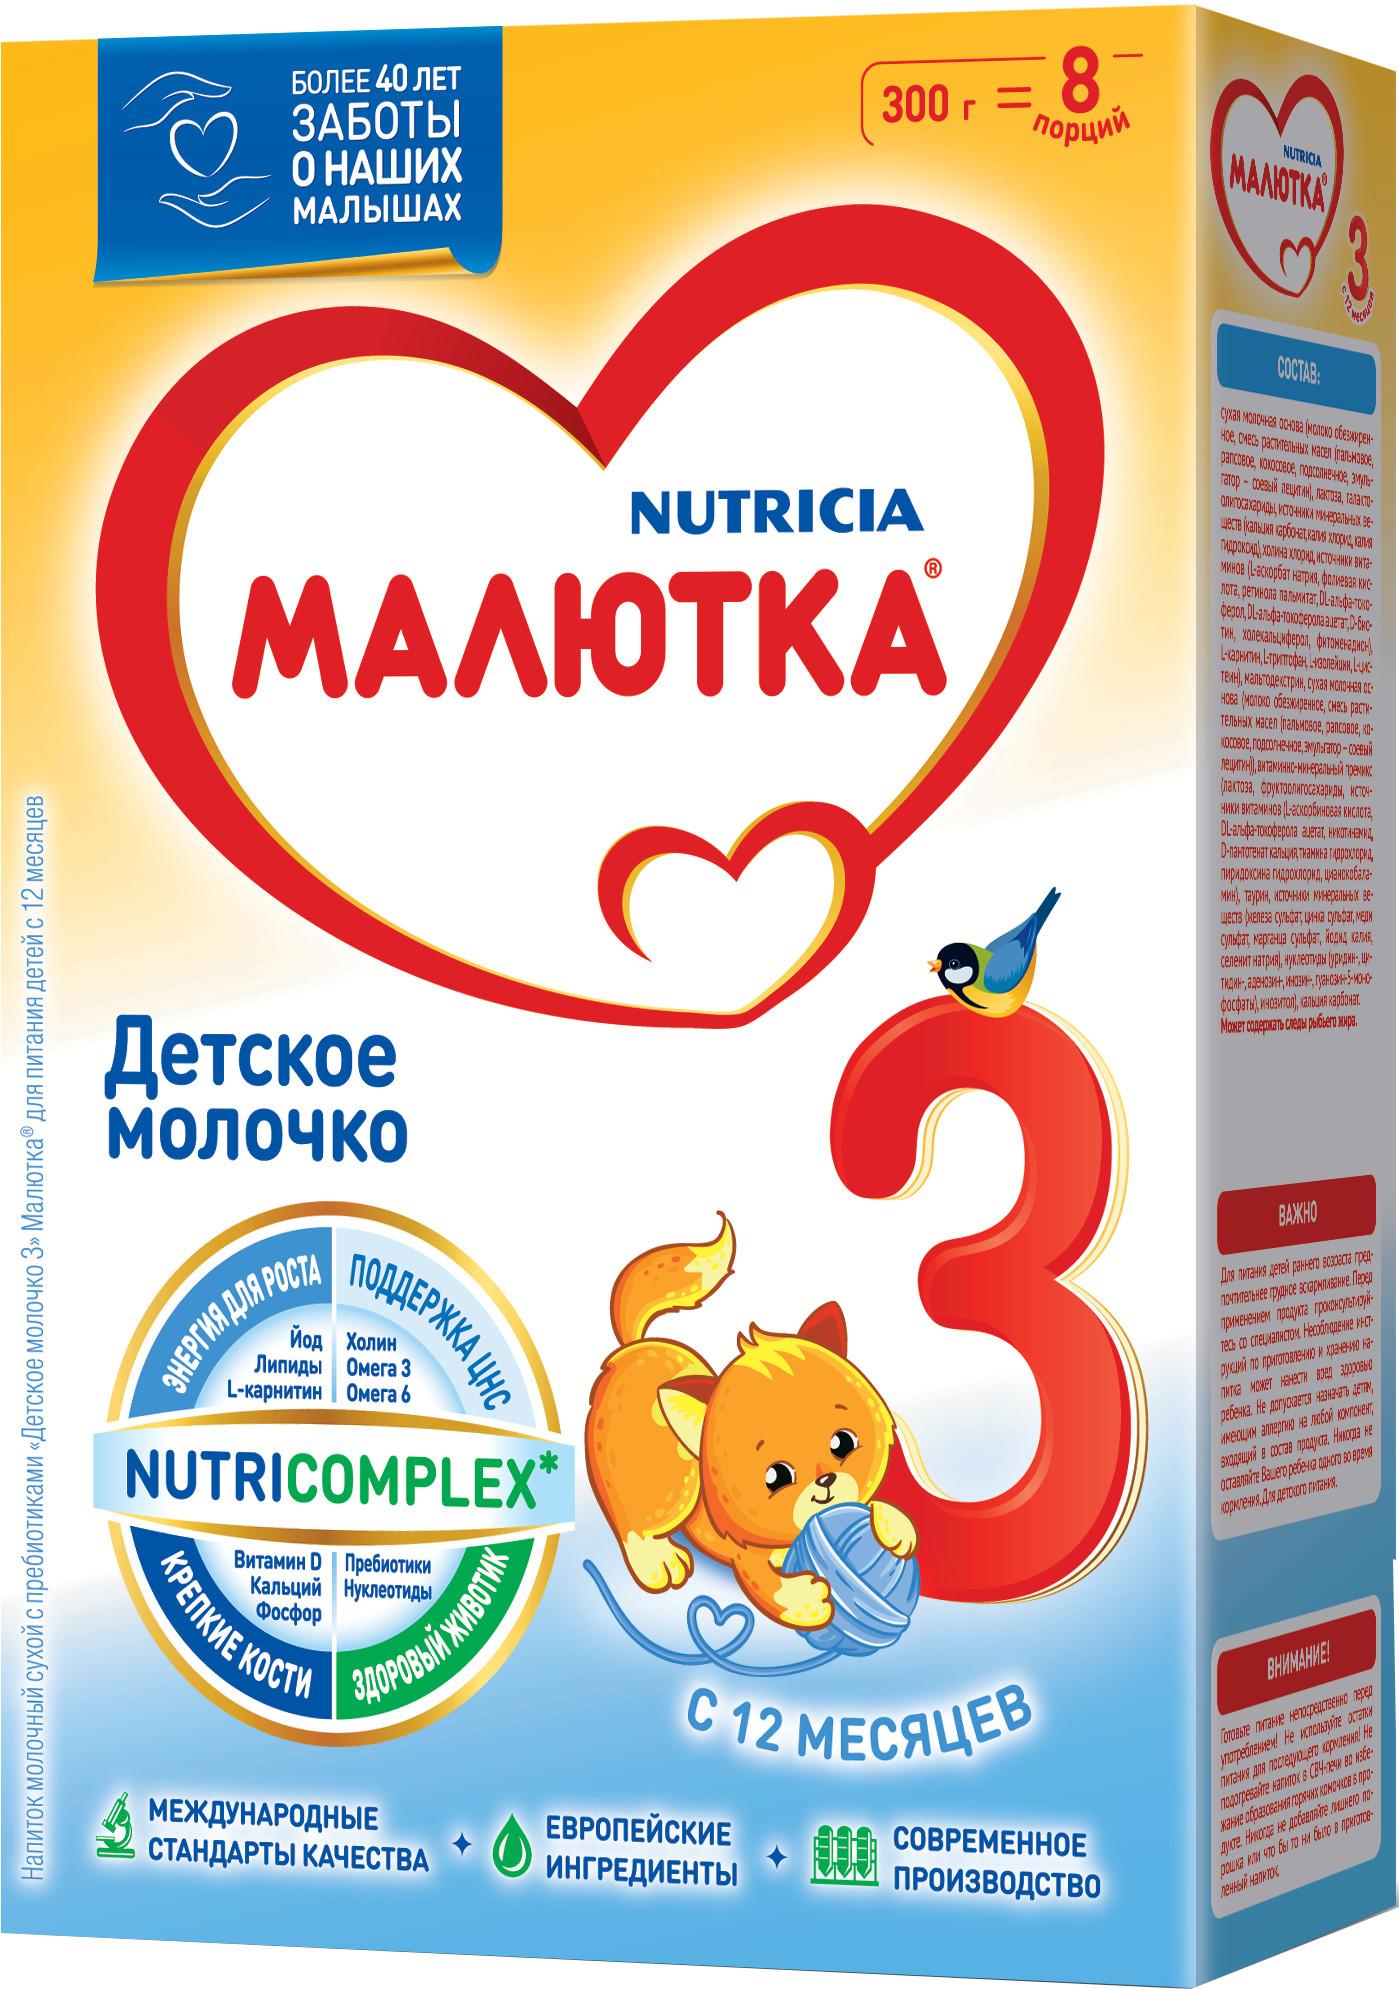 Сухие Малютка Детское молочко Малютка 3 с 12 мес. 300 г l карнитин sportexpert l carnitine яблоко 1800 мг 8 флаконов x 50 мл